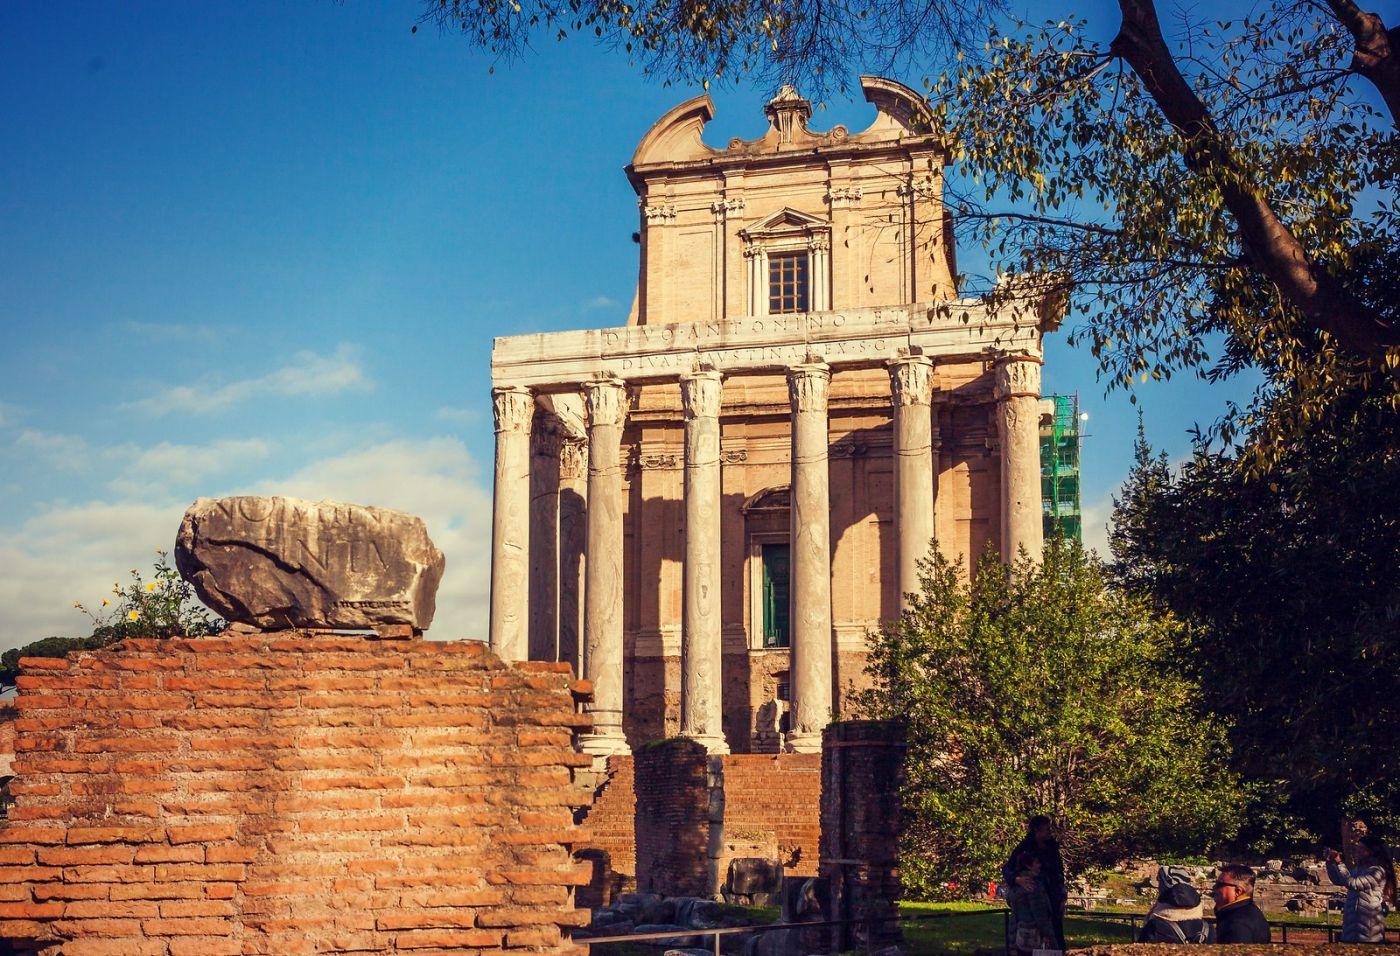 意大利罗马论坛,很敬佩_图1-8